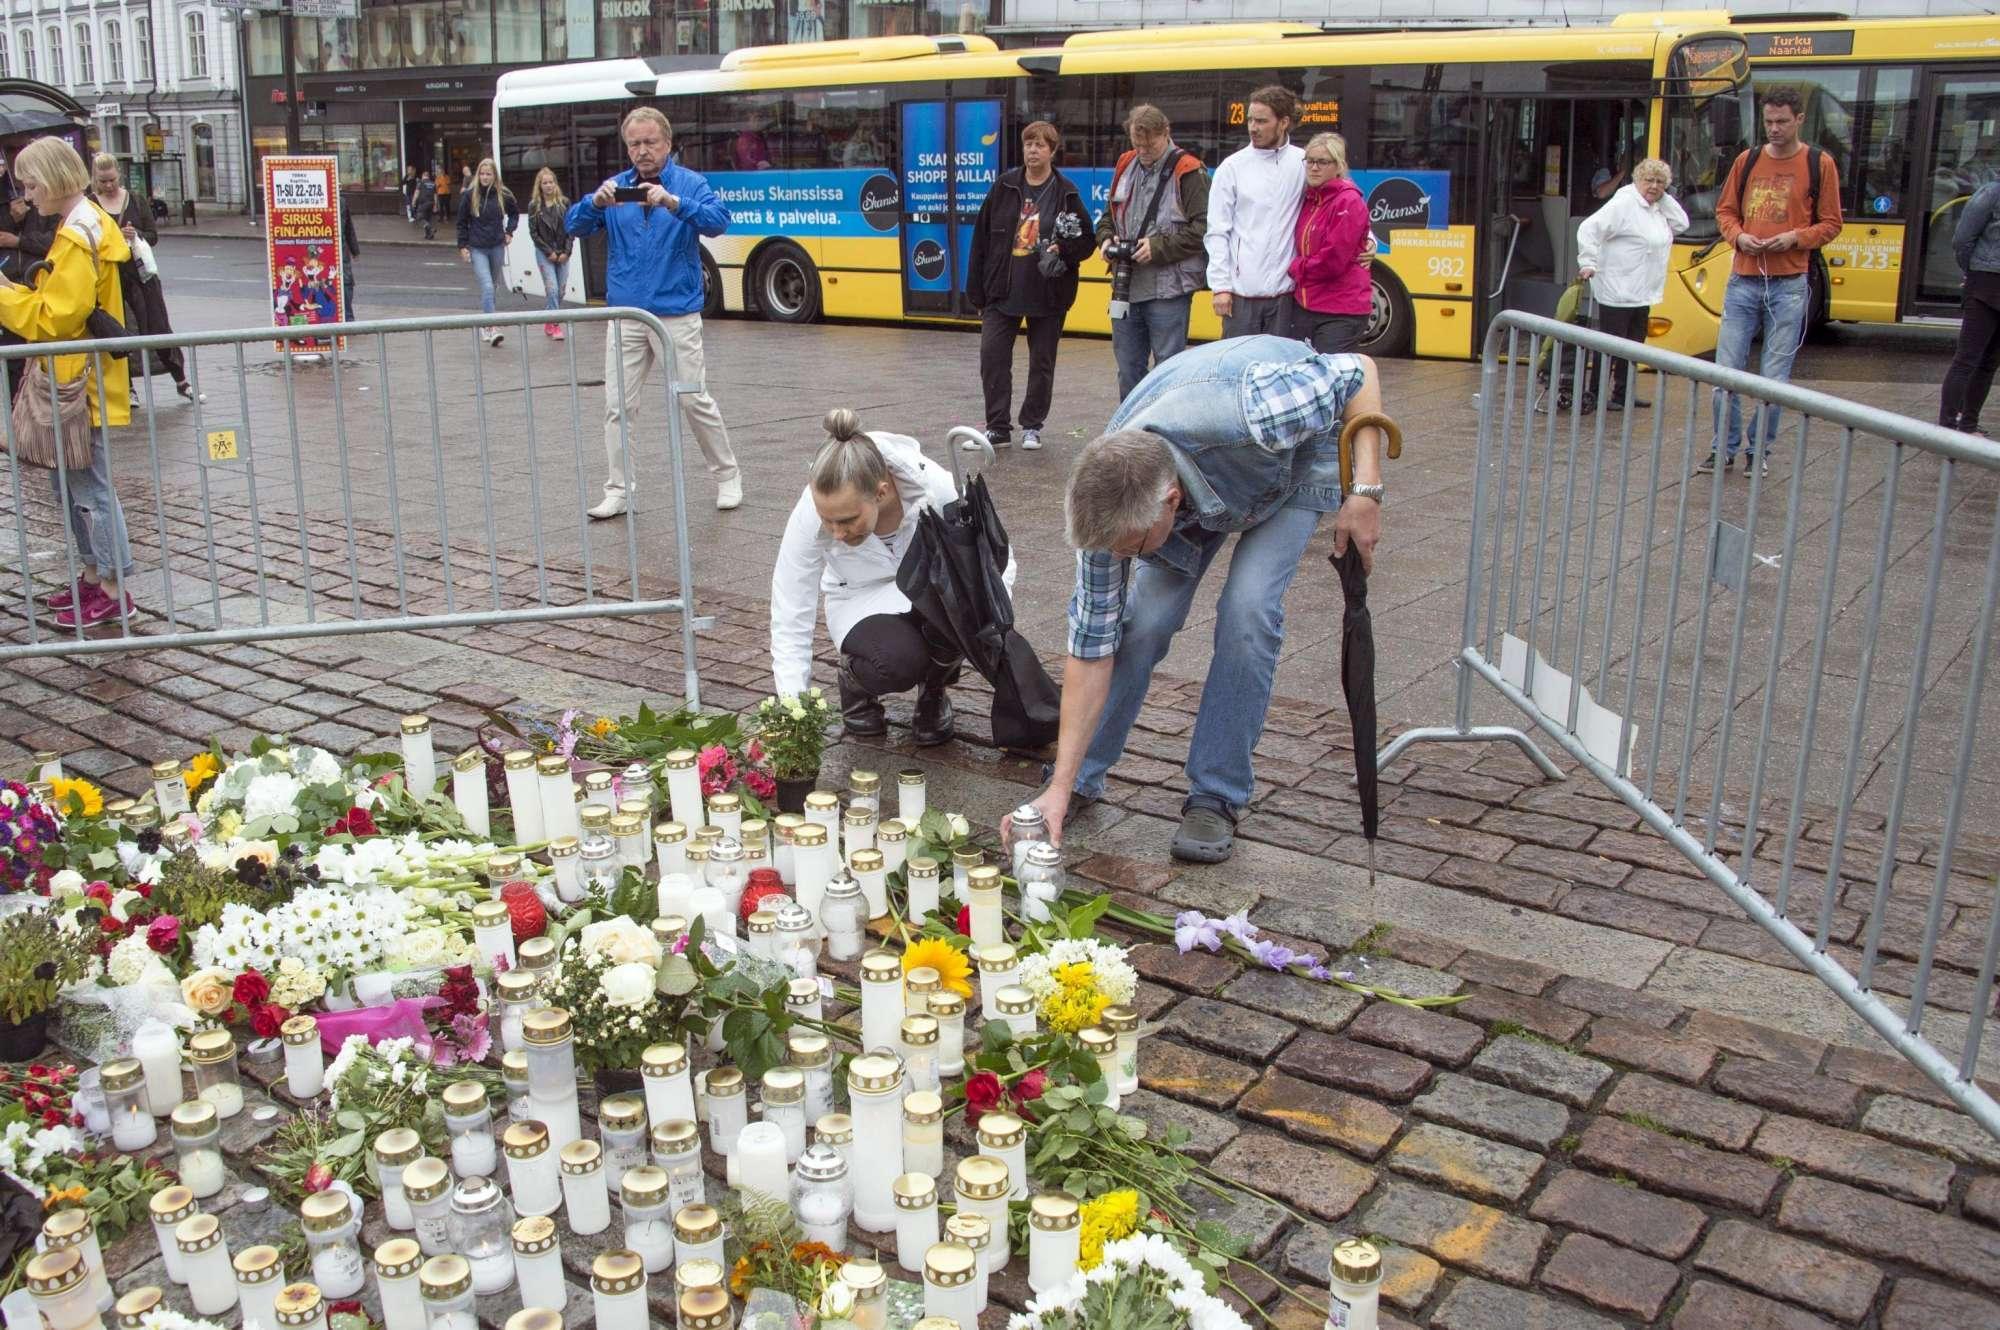 Fiori, candele e lacrime il giorno dopo in Finlandia a Turku, nel luogo dell attacco